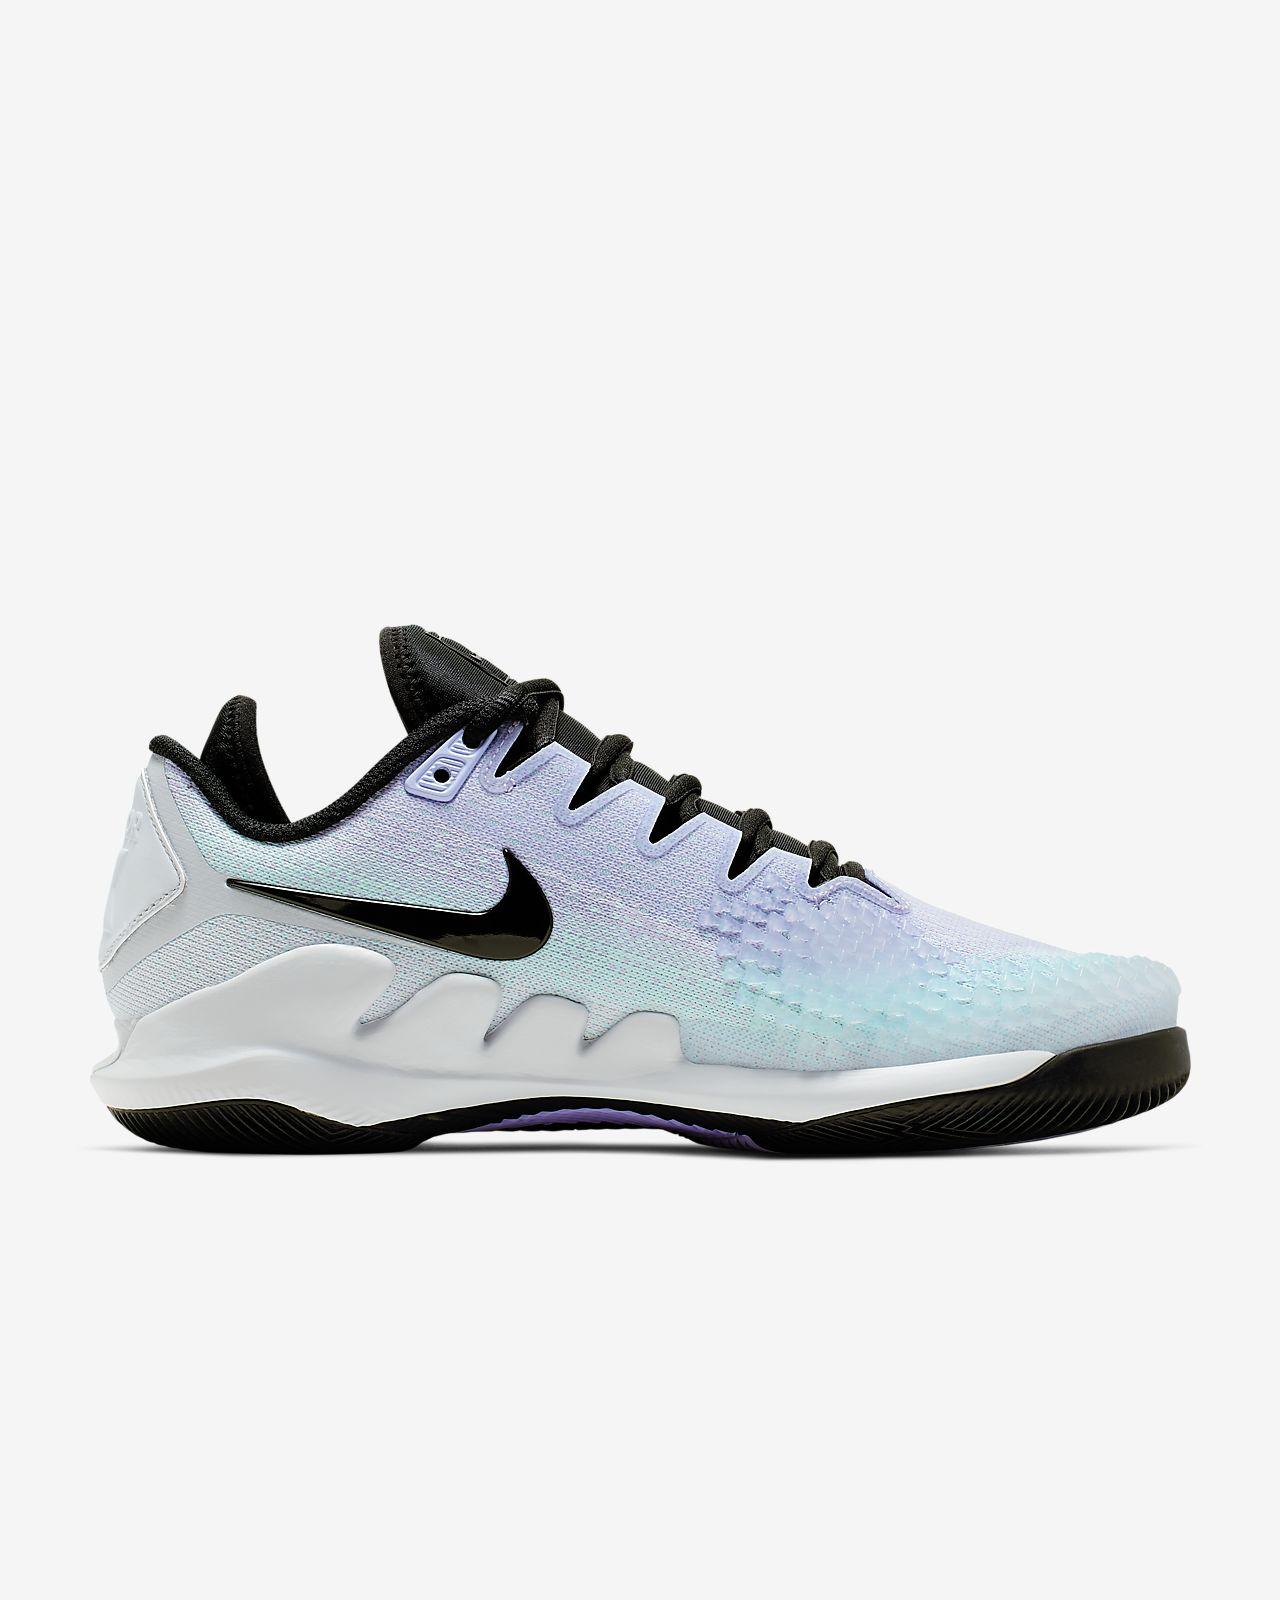 Chaussures de tennis femme Court Air Zoom Vapor X Knit Nike